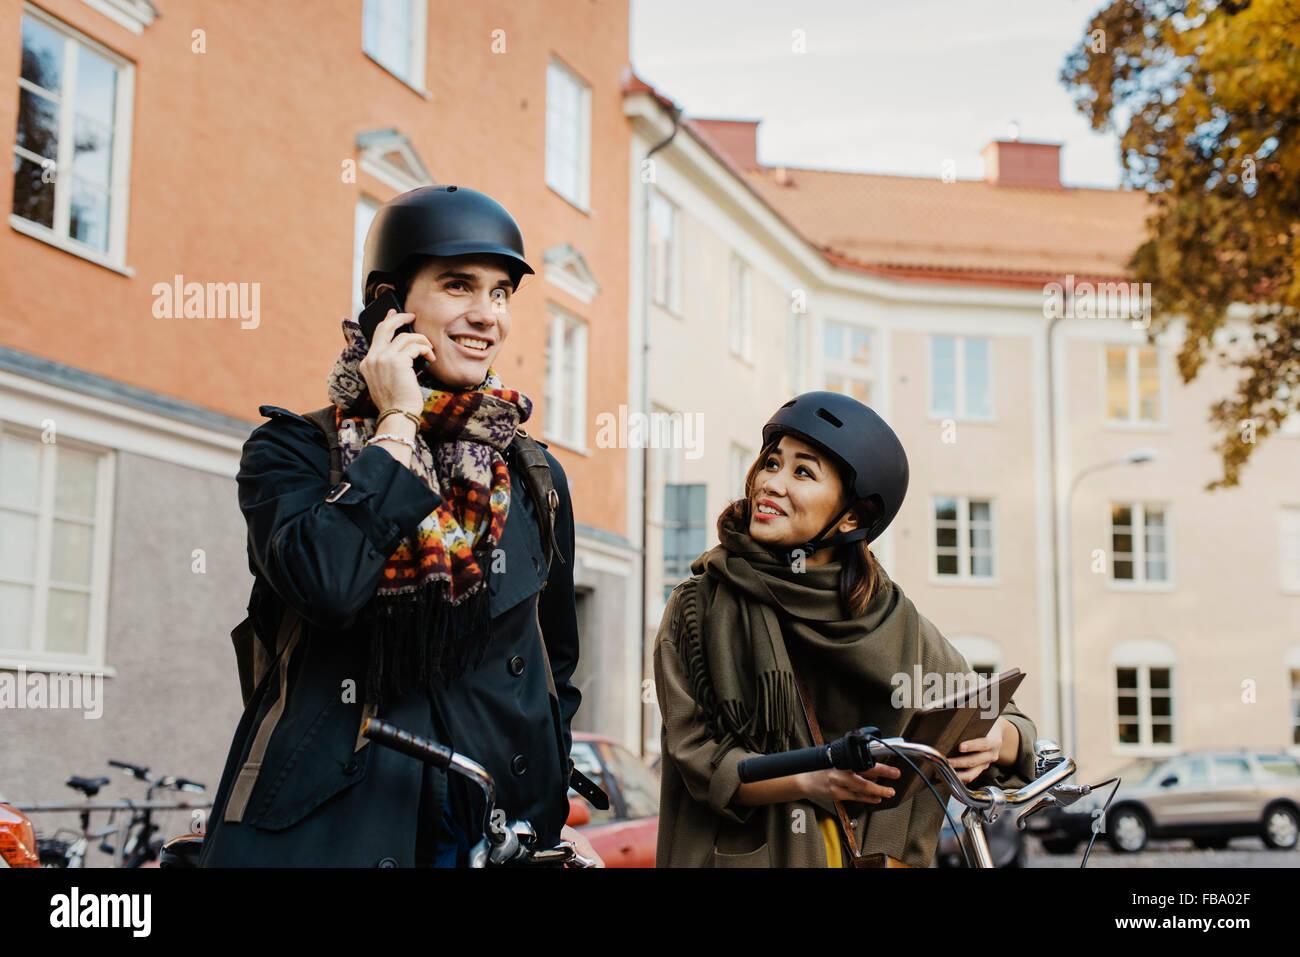 La Suède, l'Uppland, Stockholm, Vasastan, Rodabergsbrinken, deux personnes debout avec des bicyclettes Photo Stock